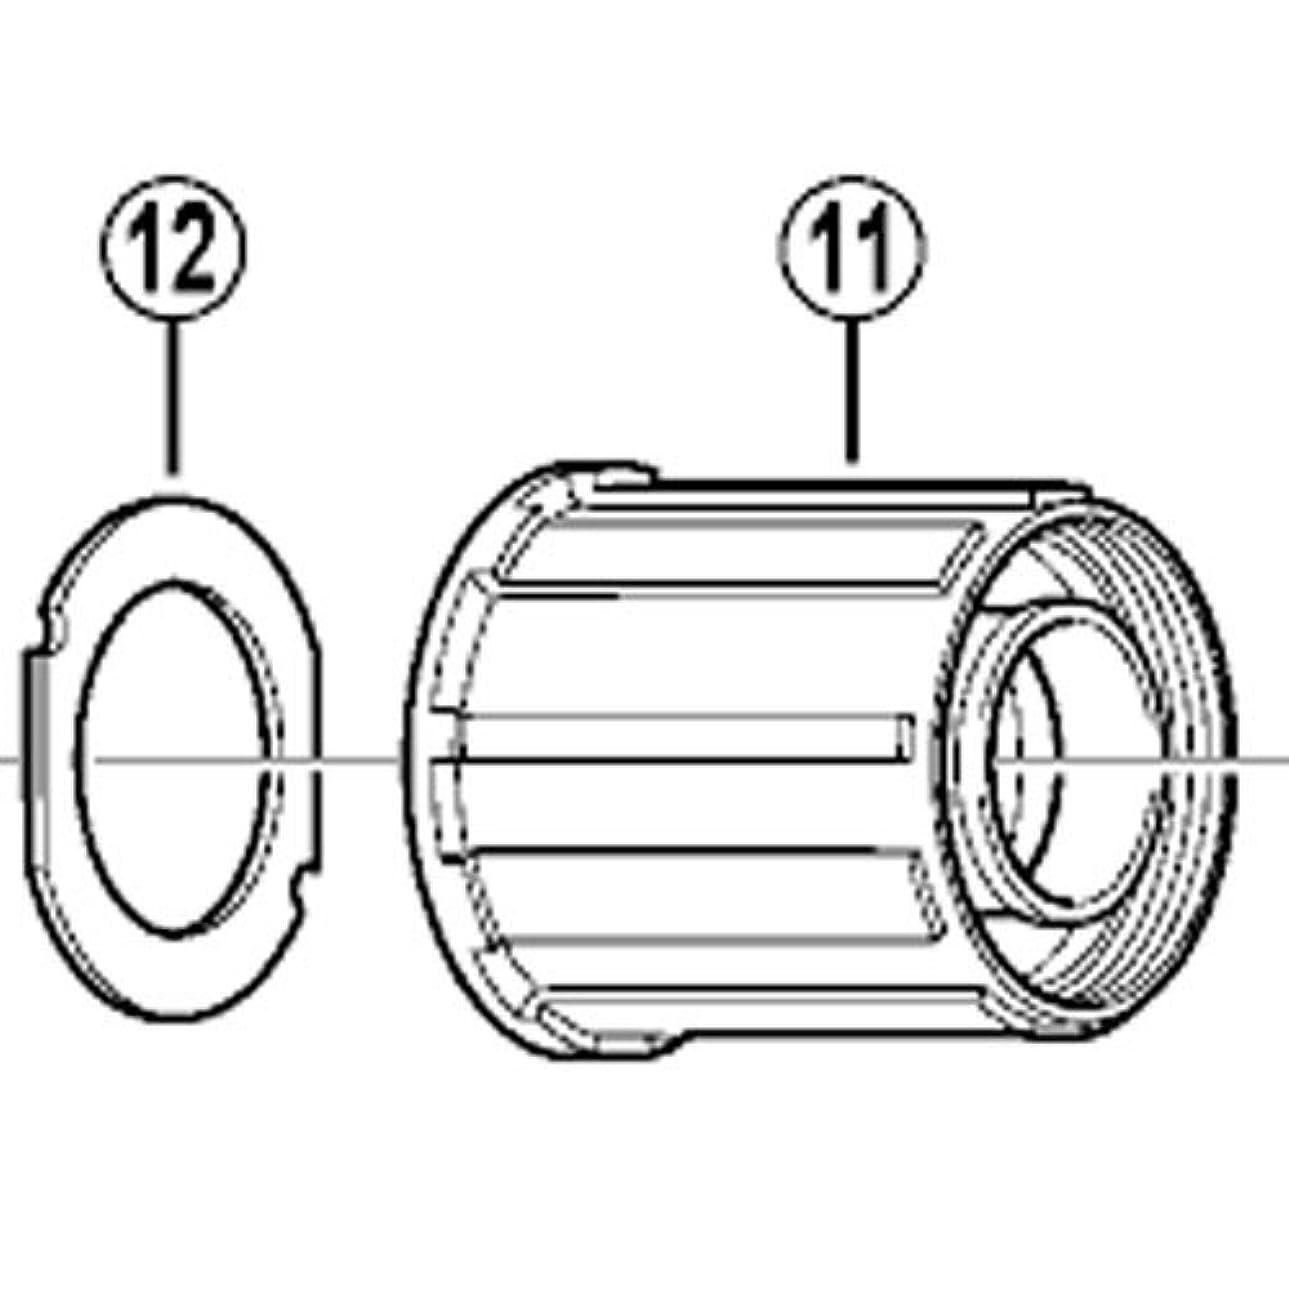 タンク慣性付けるSHIMANO(シマノ) カセット当り面ワッシャー WH-R501-R WH-R501-R WH-R501-A-R WH-R501-A-R Y3AN10000